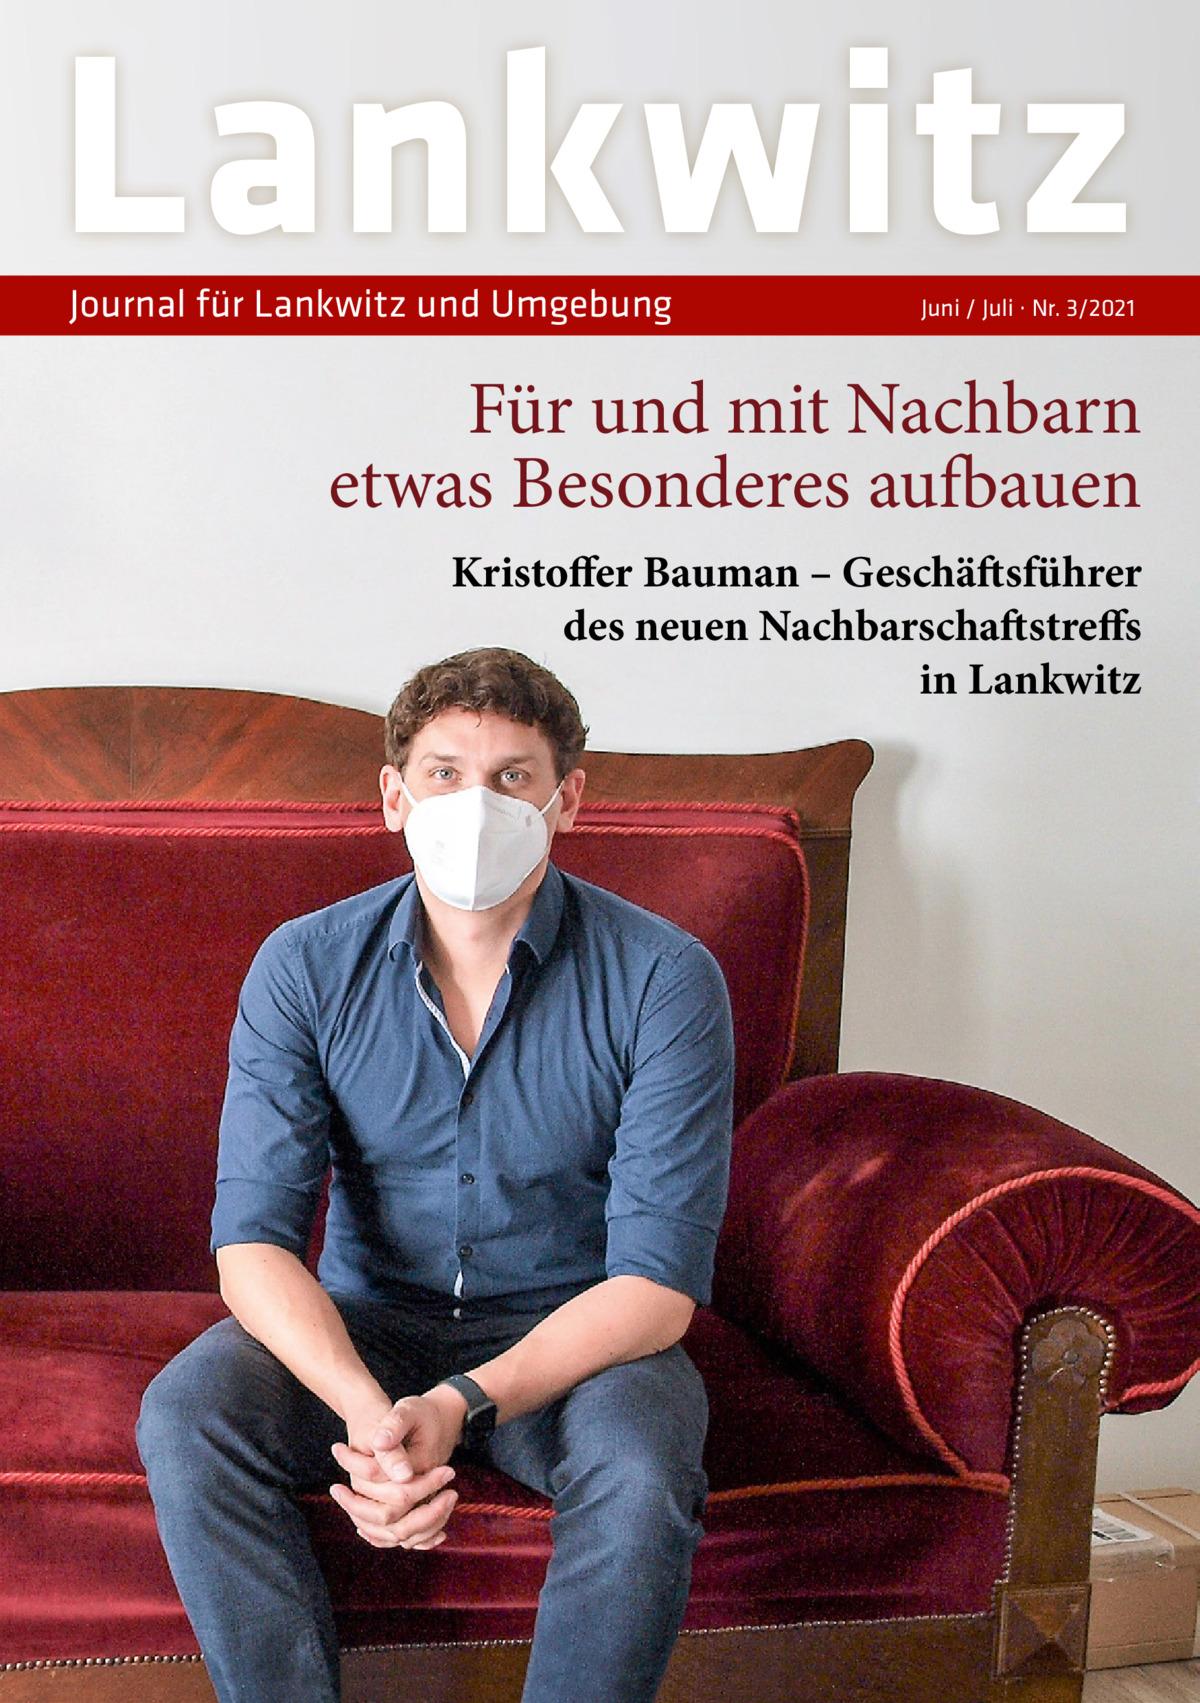 Lankwitz Journal für Lankwitz und Umgebung  Juni / Juli · Nr. 3/2021  Für und mit Nachbarn etwas Besonderes aufbauen Kristoffer Bauman – Geschäftsführer des neuen Nachbarschaftstreffs in Lankwitz